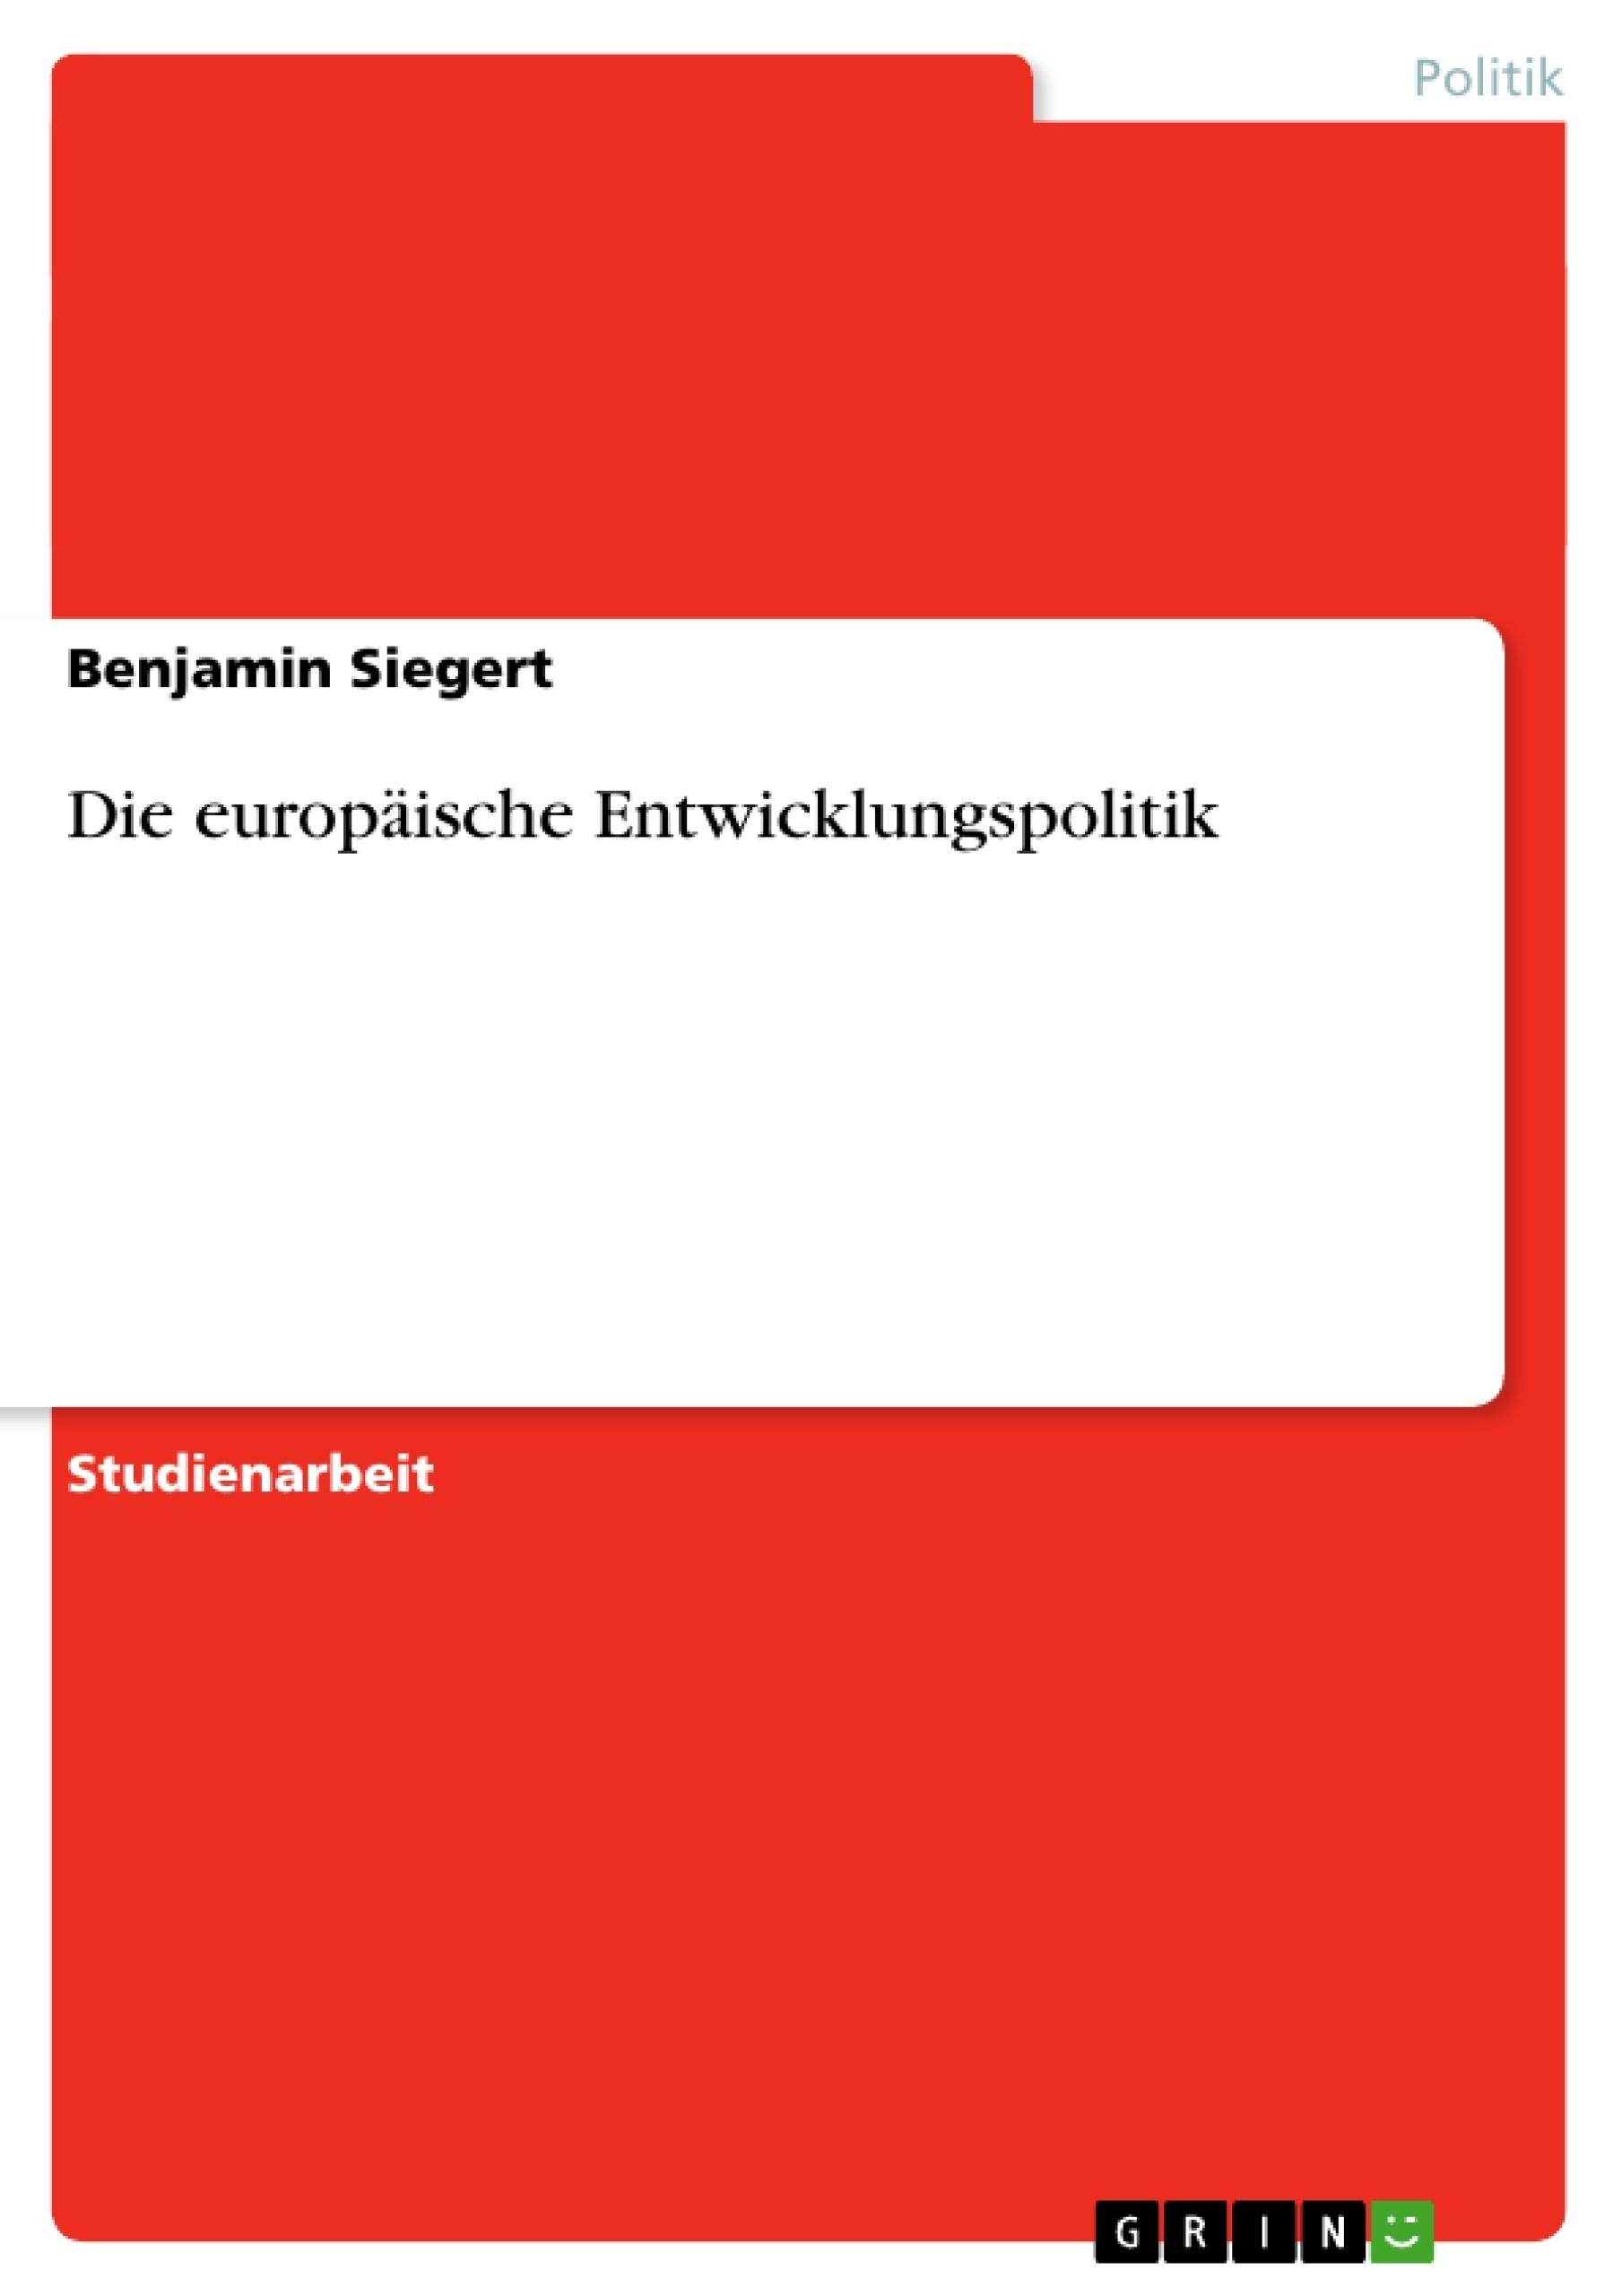 Titel: Die europäische Entwicklungspolitik